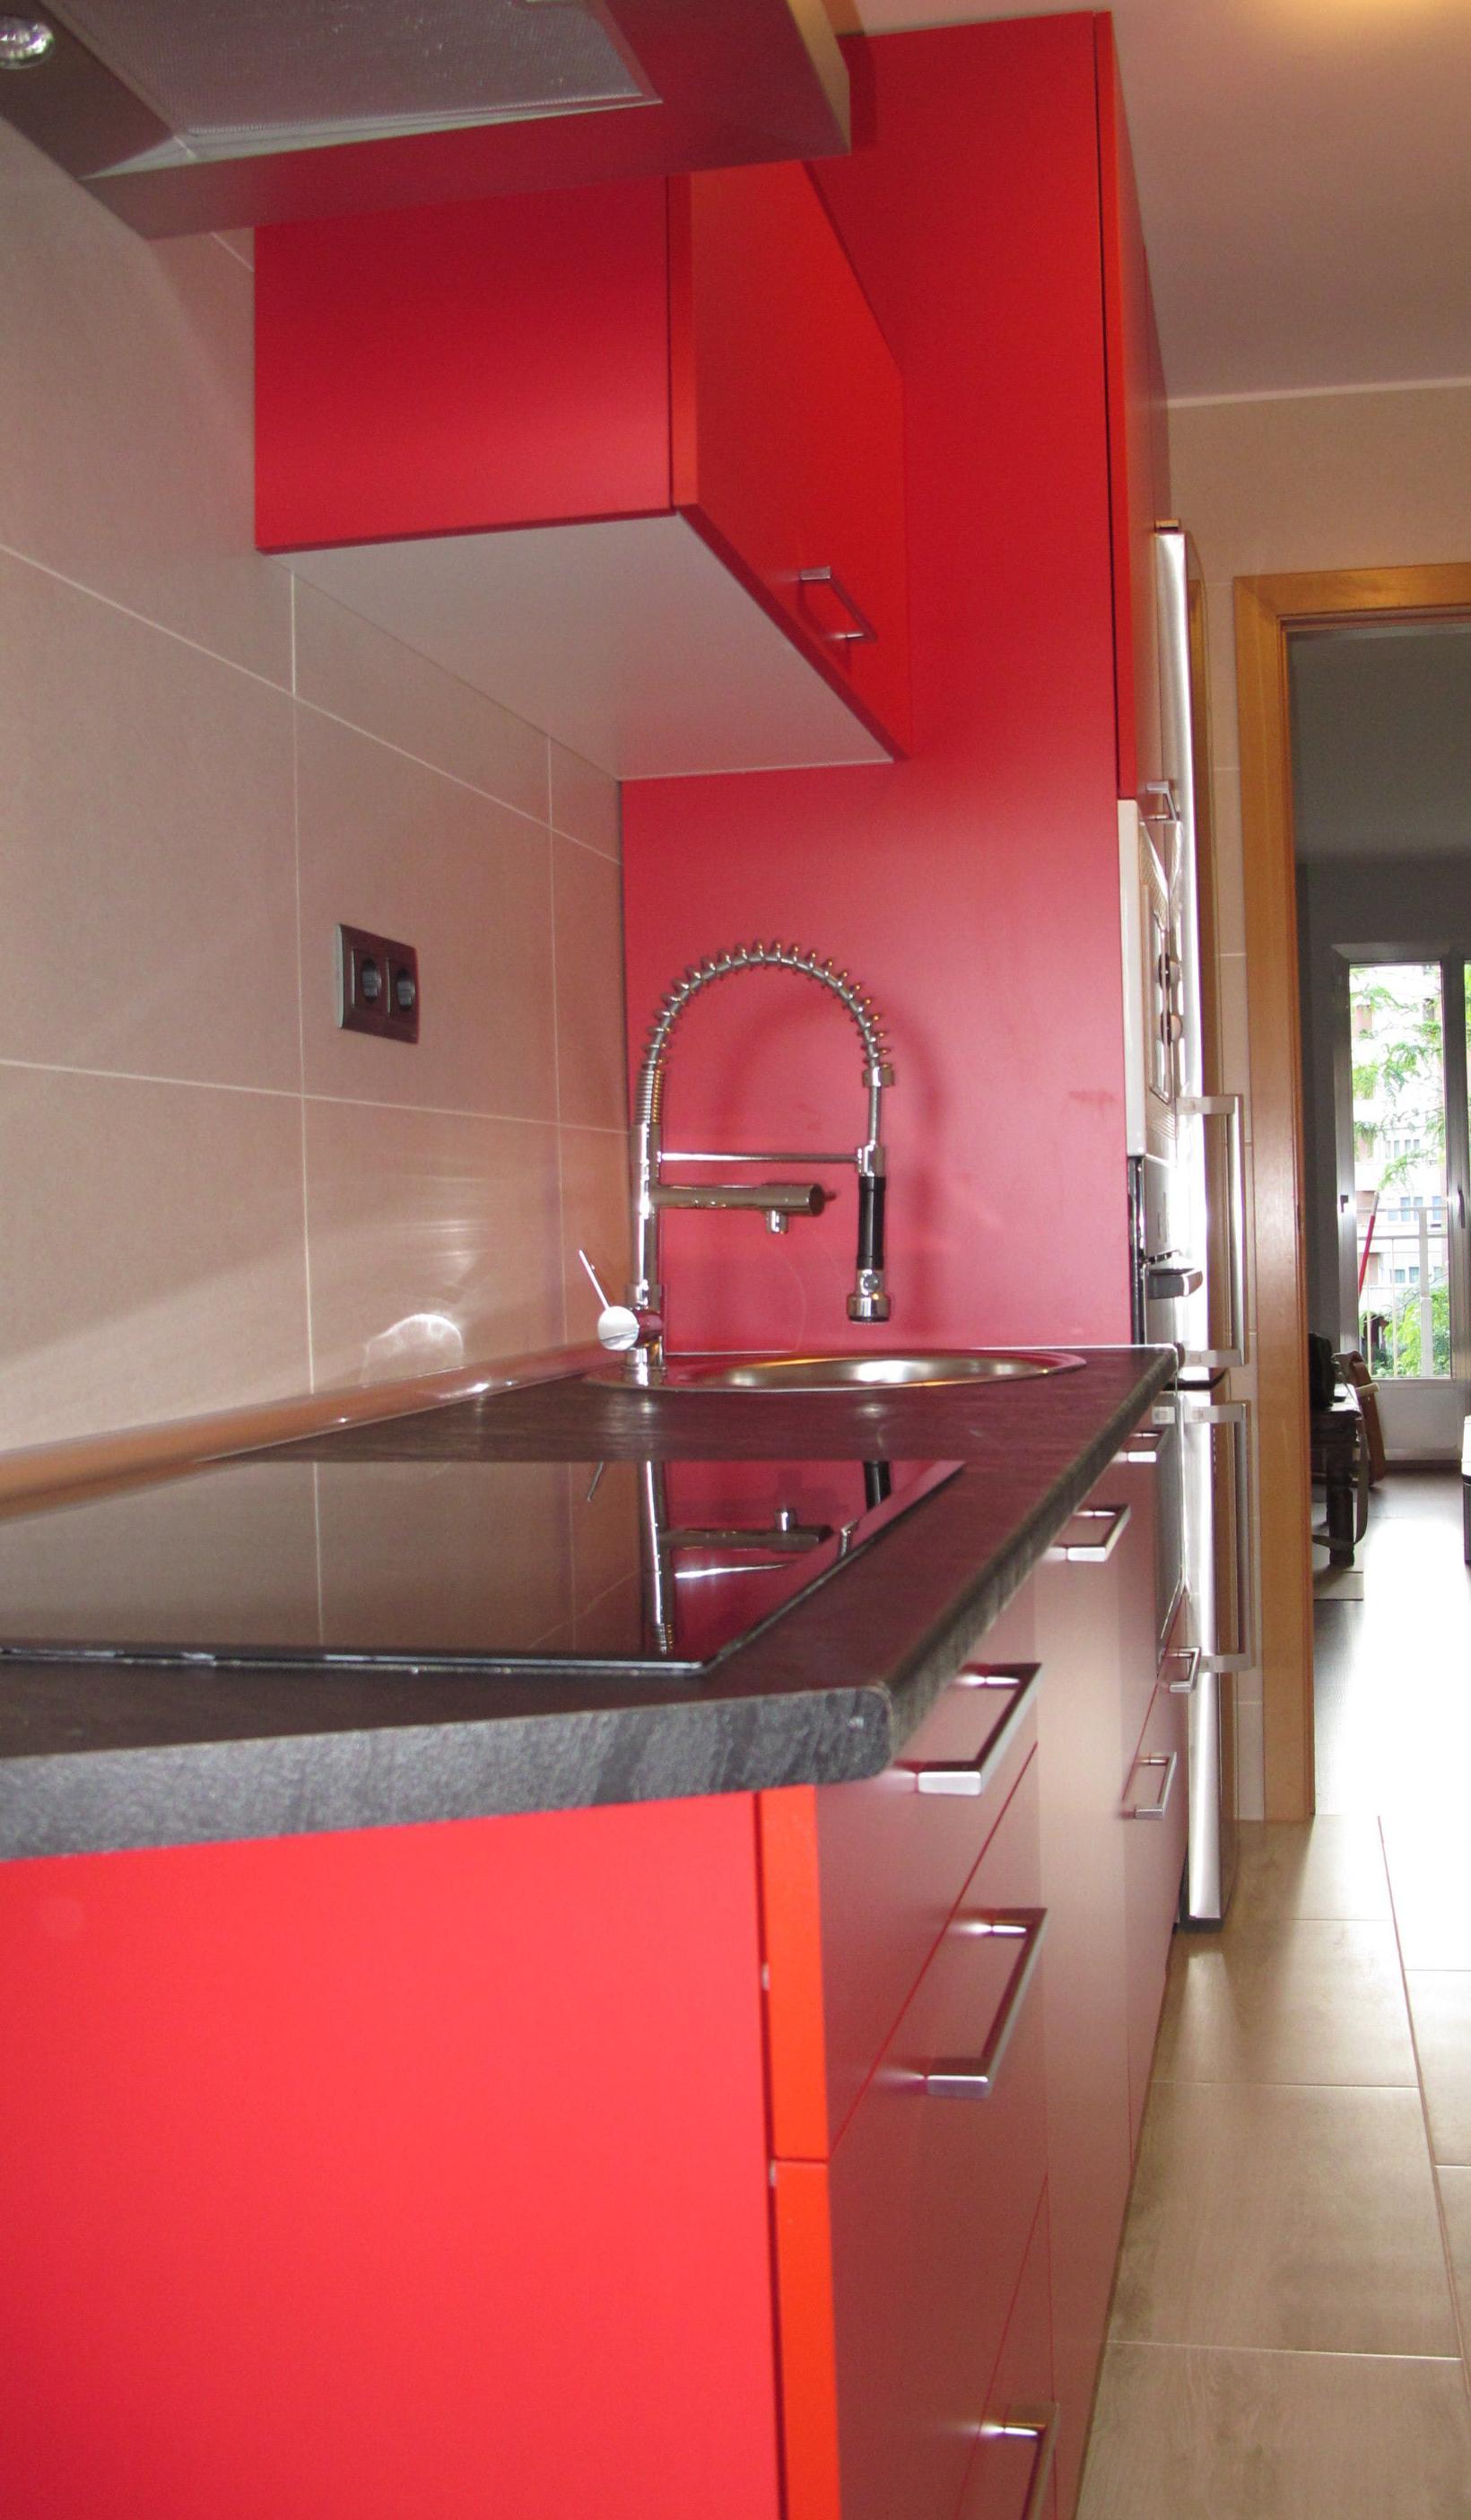 1h oferta muebles cocina mate satinado rojo cat logo de for Ofertas muebles de cocina